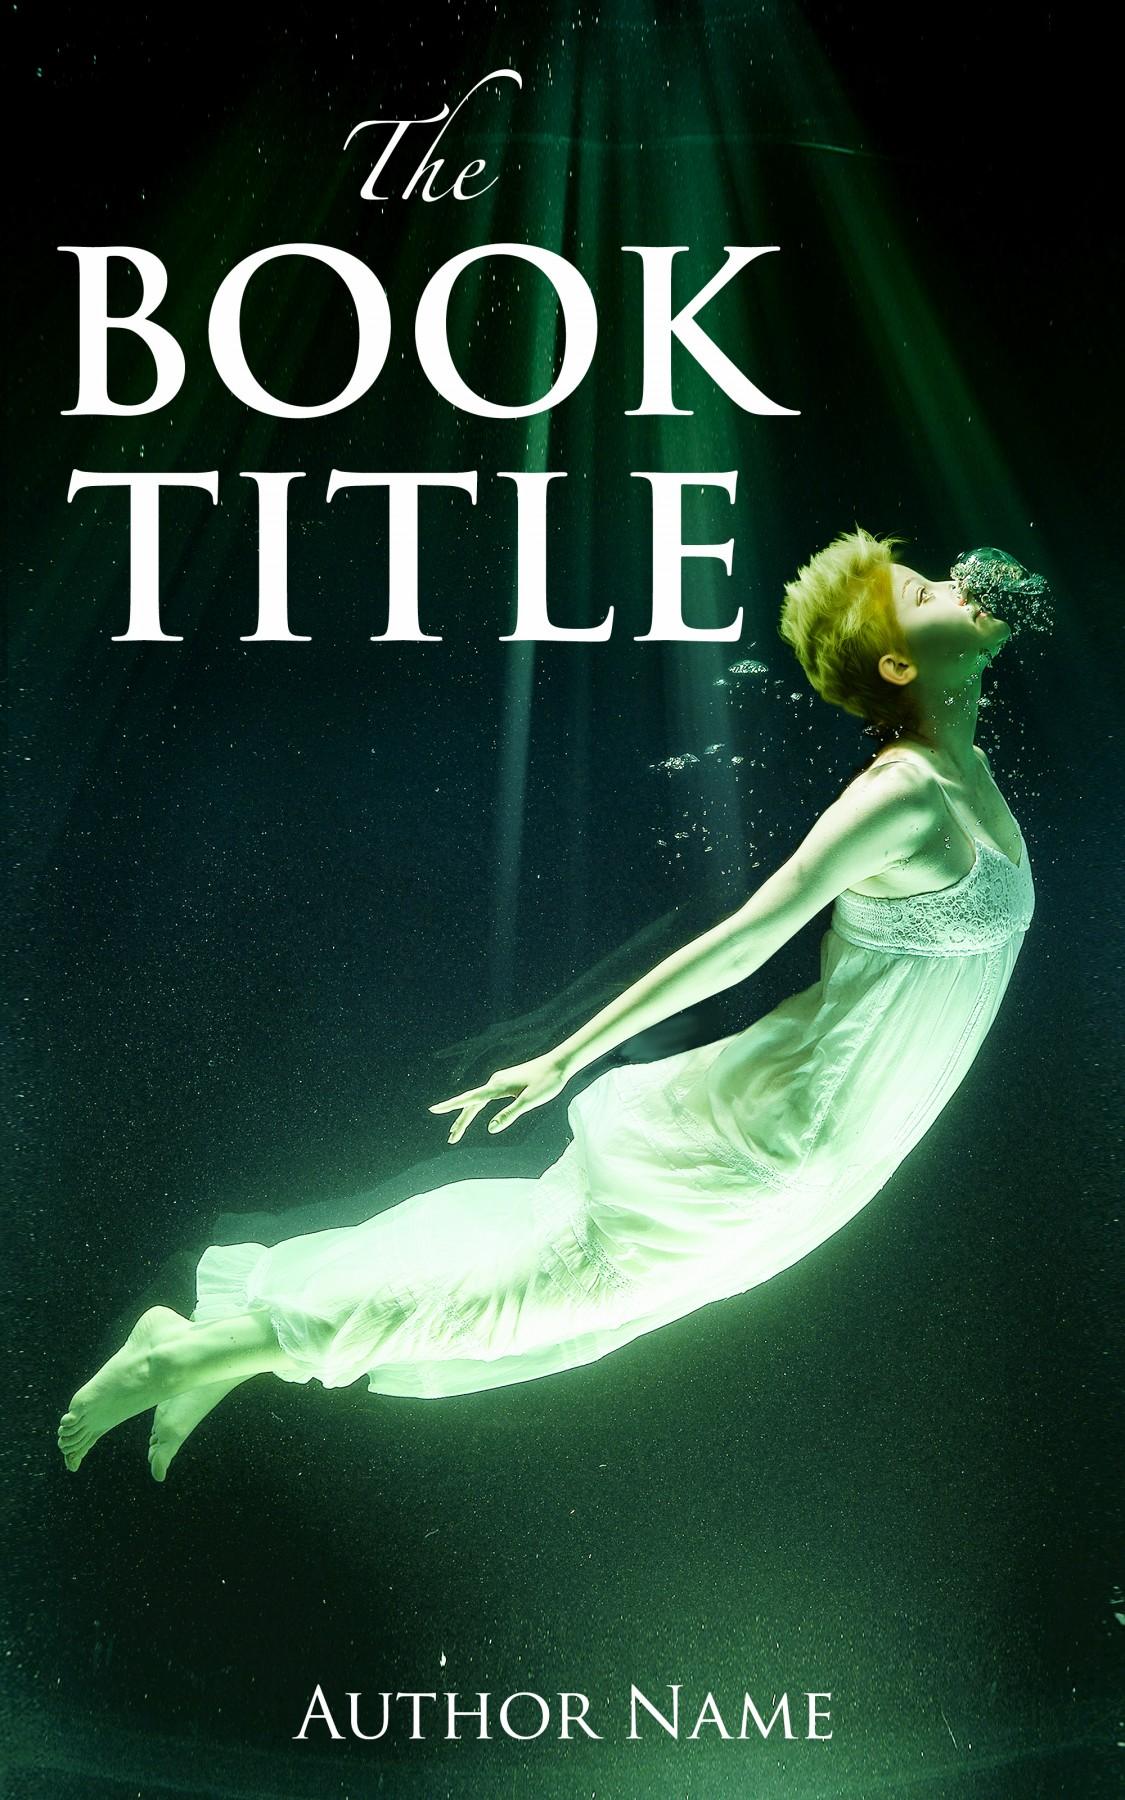 Book Cover Design For Girls : The strange girl book cover designer